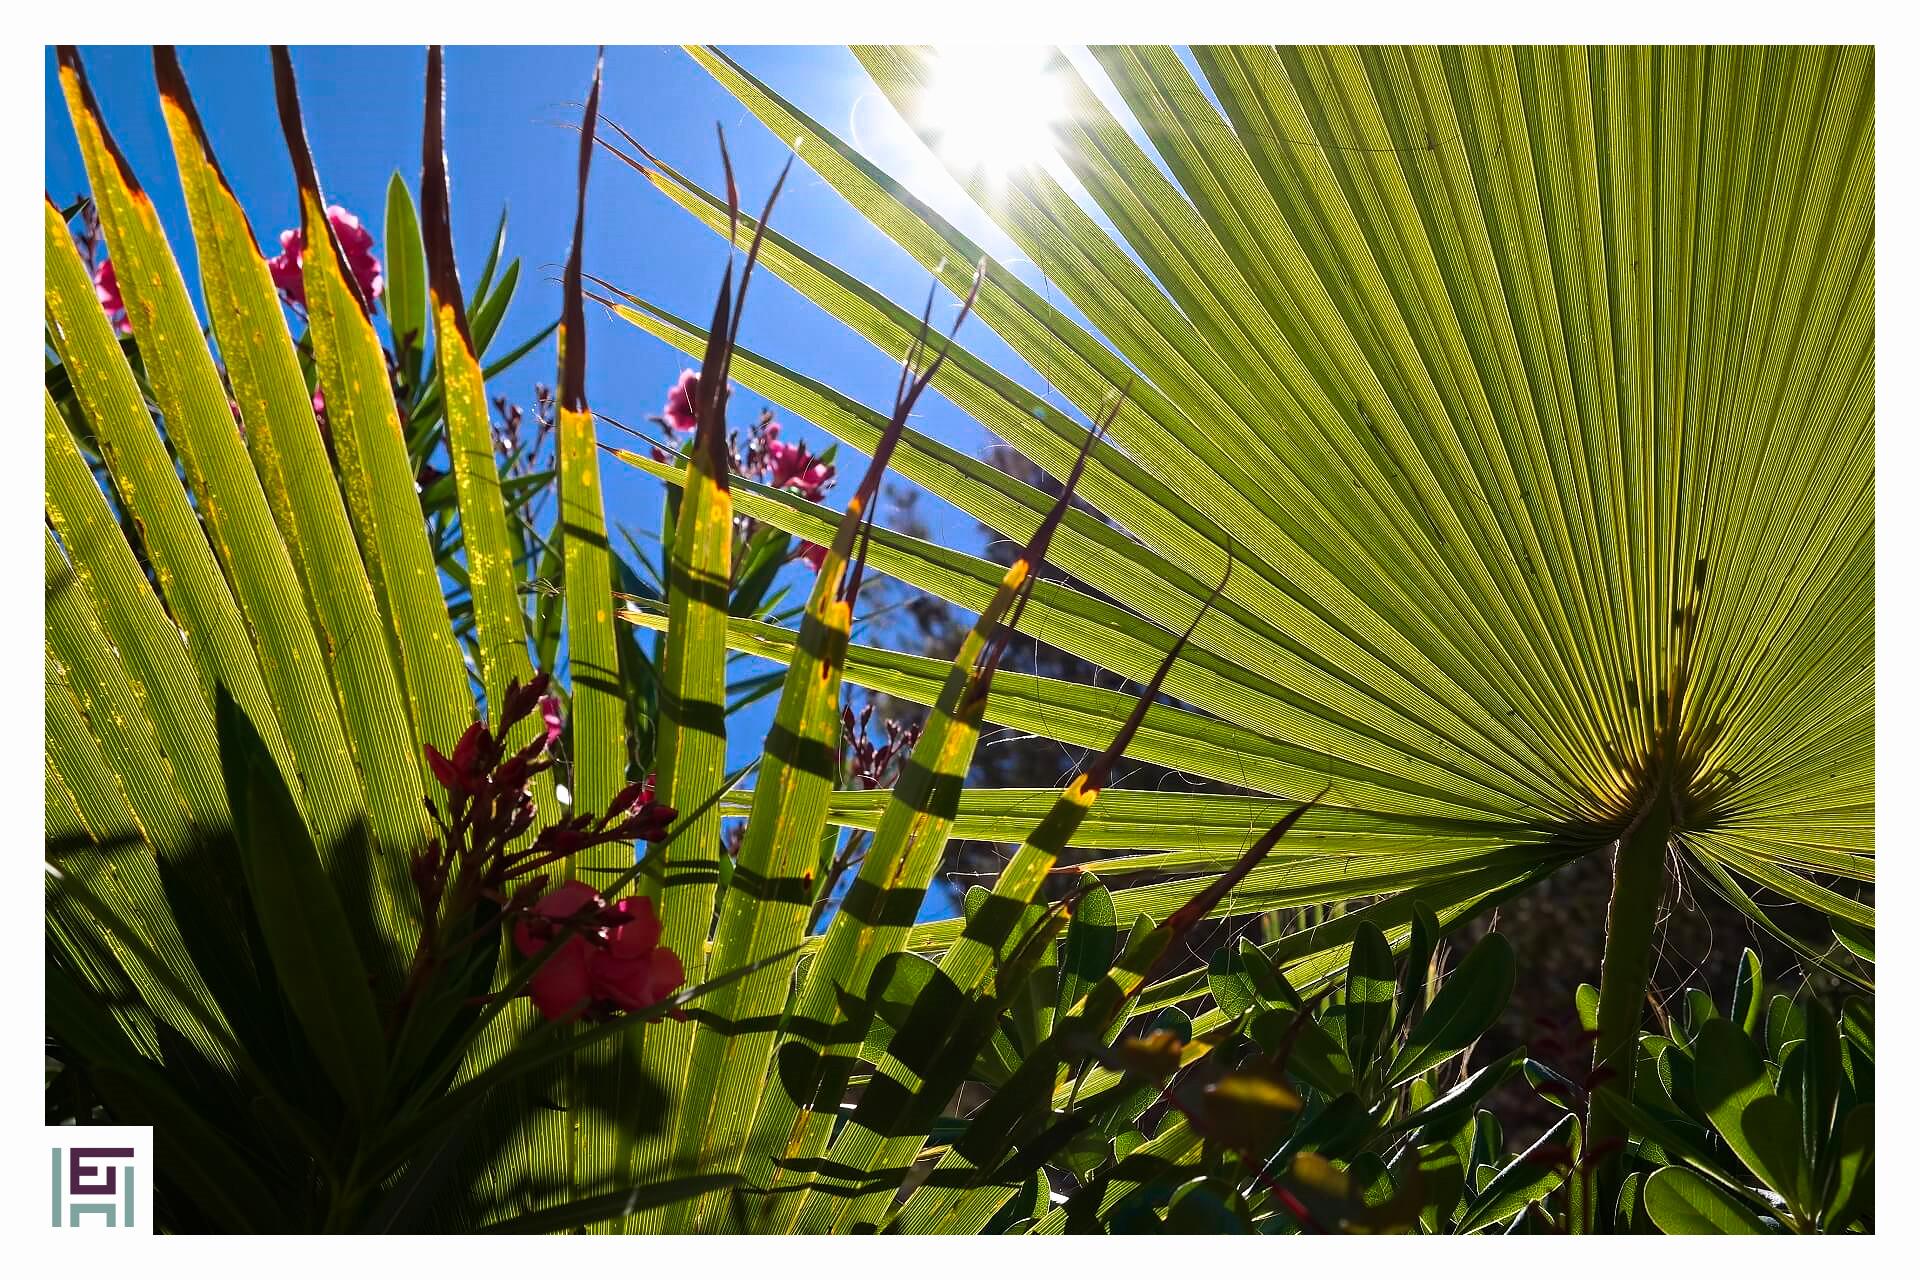 Shangri-La - Palme im Garten